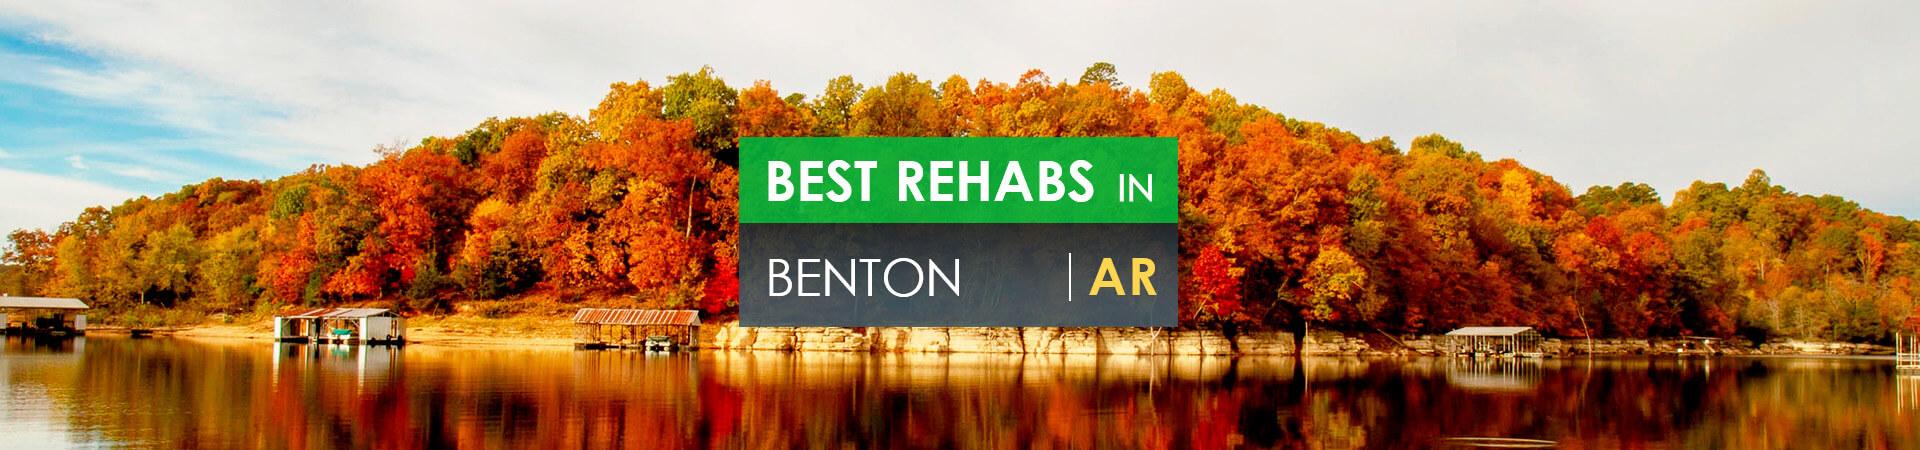 Best rehabs in Benton, AR